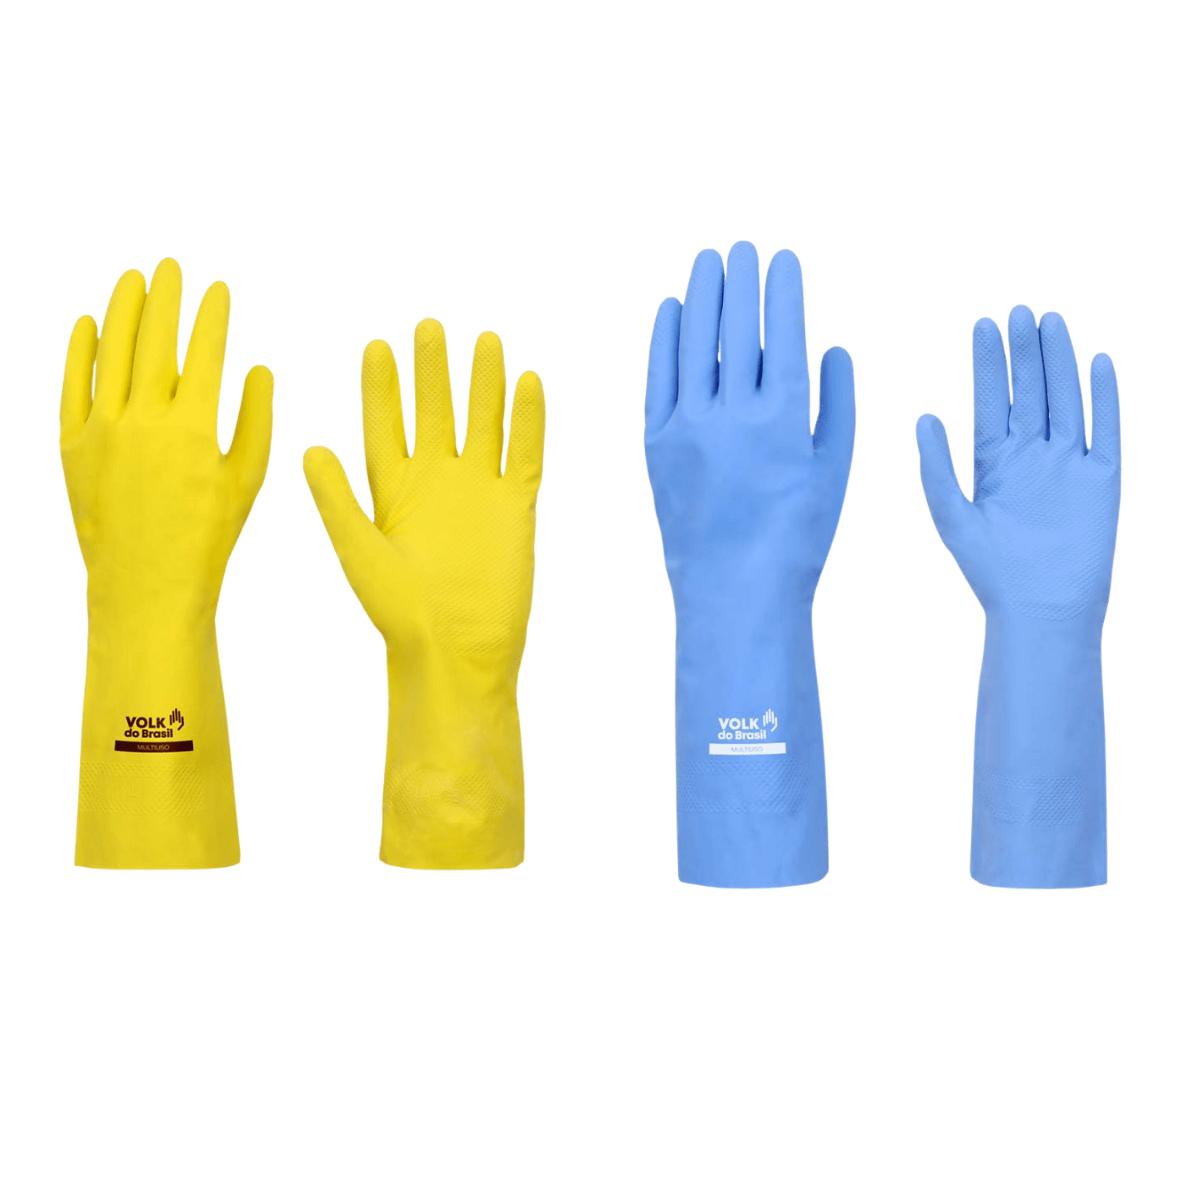 Luva Multiuso Volk Kit c/ 6 Pares - 3x Amarela + 3x Azul